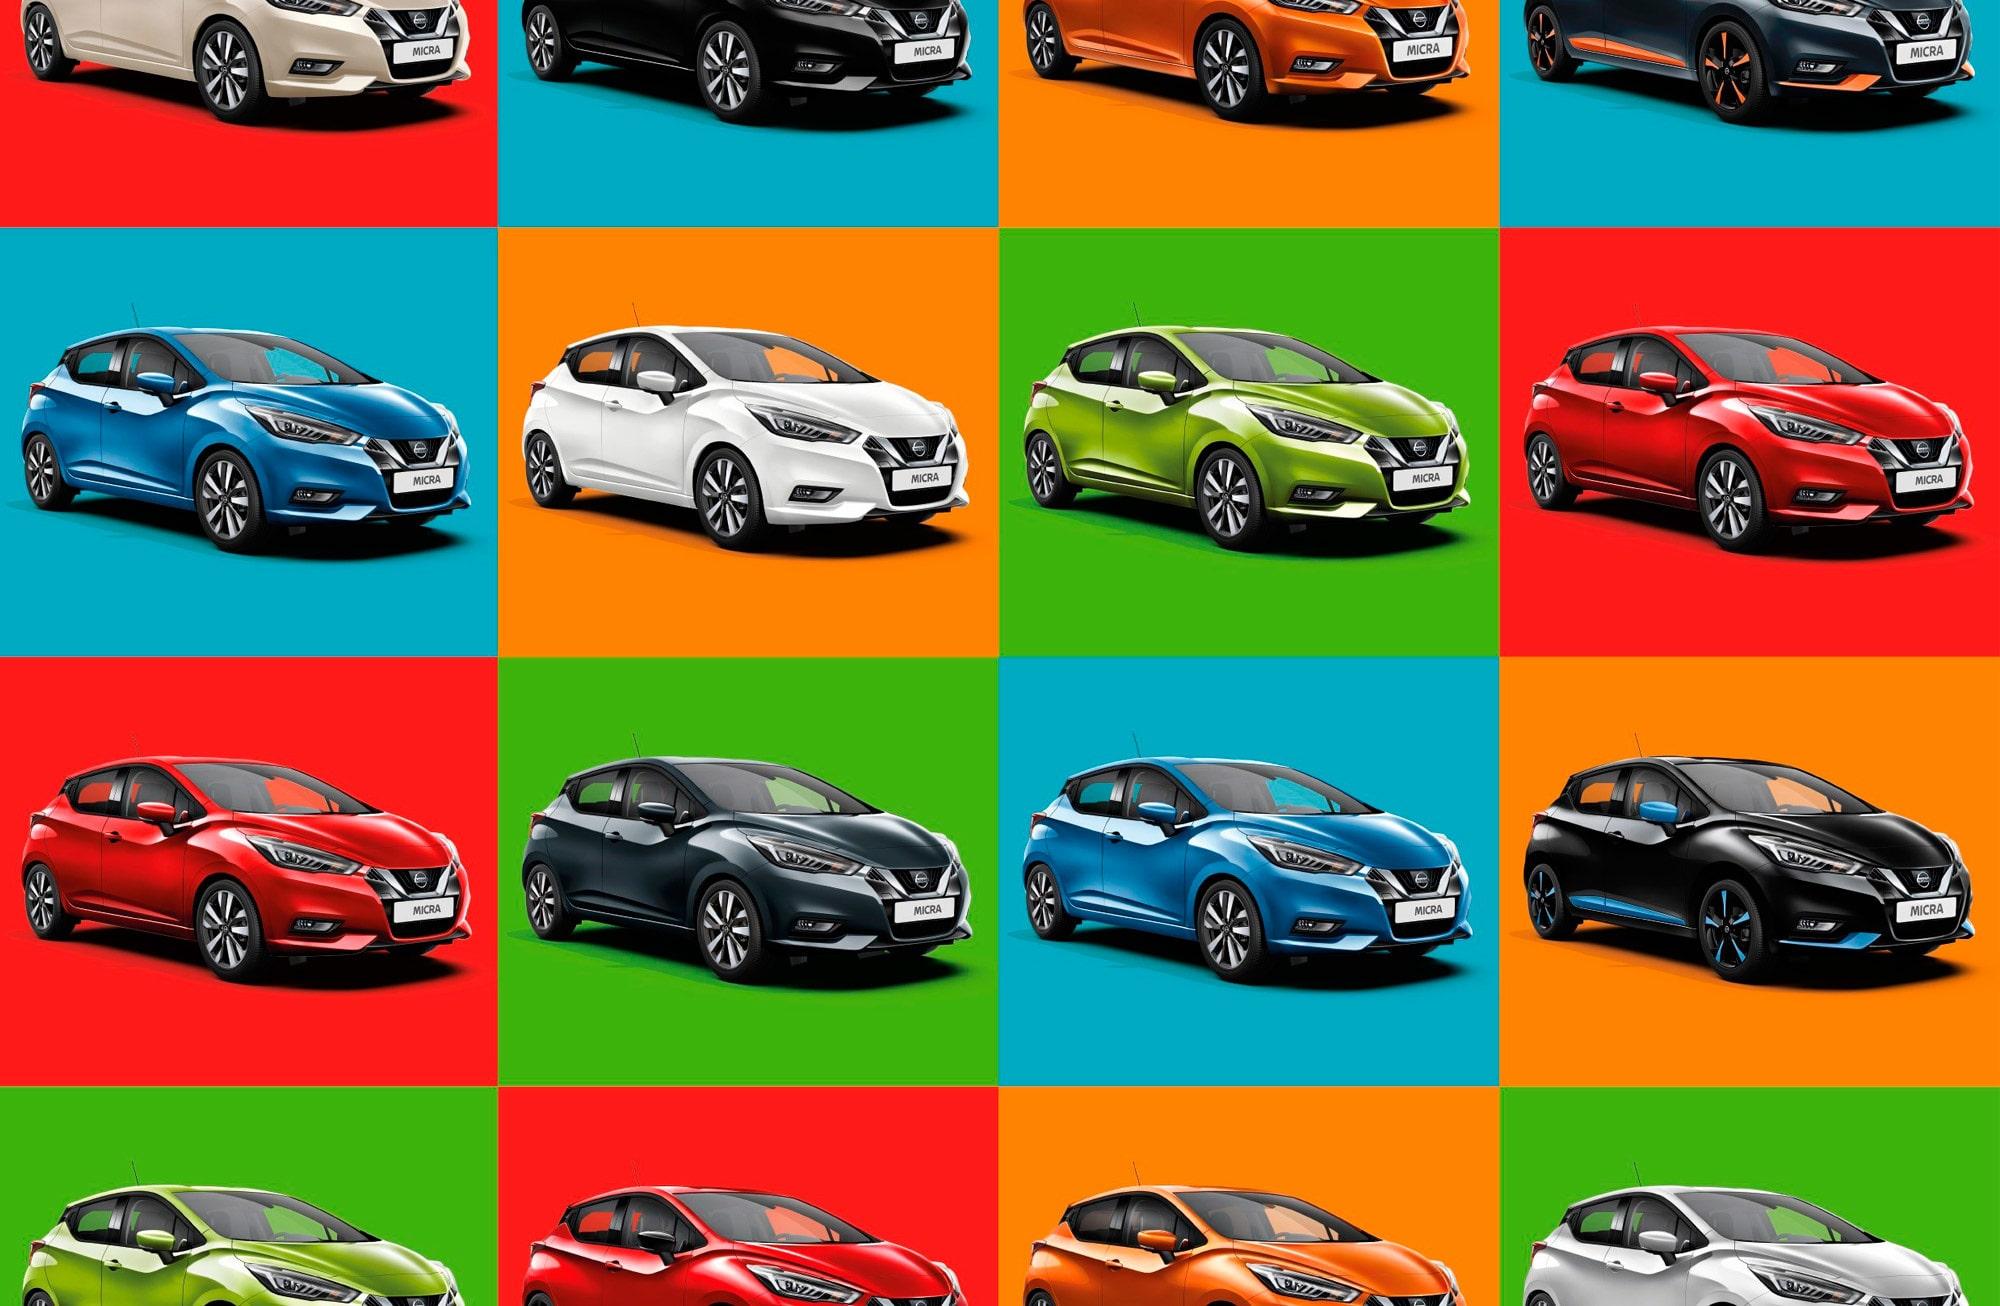 färg till bil